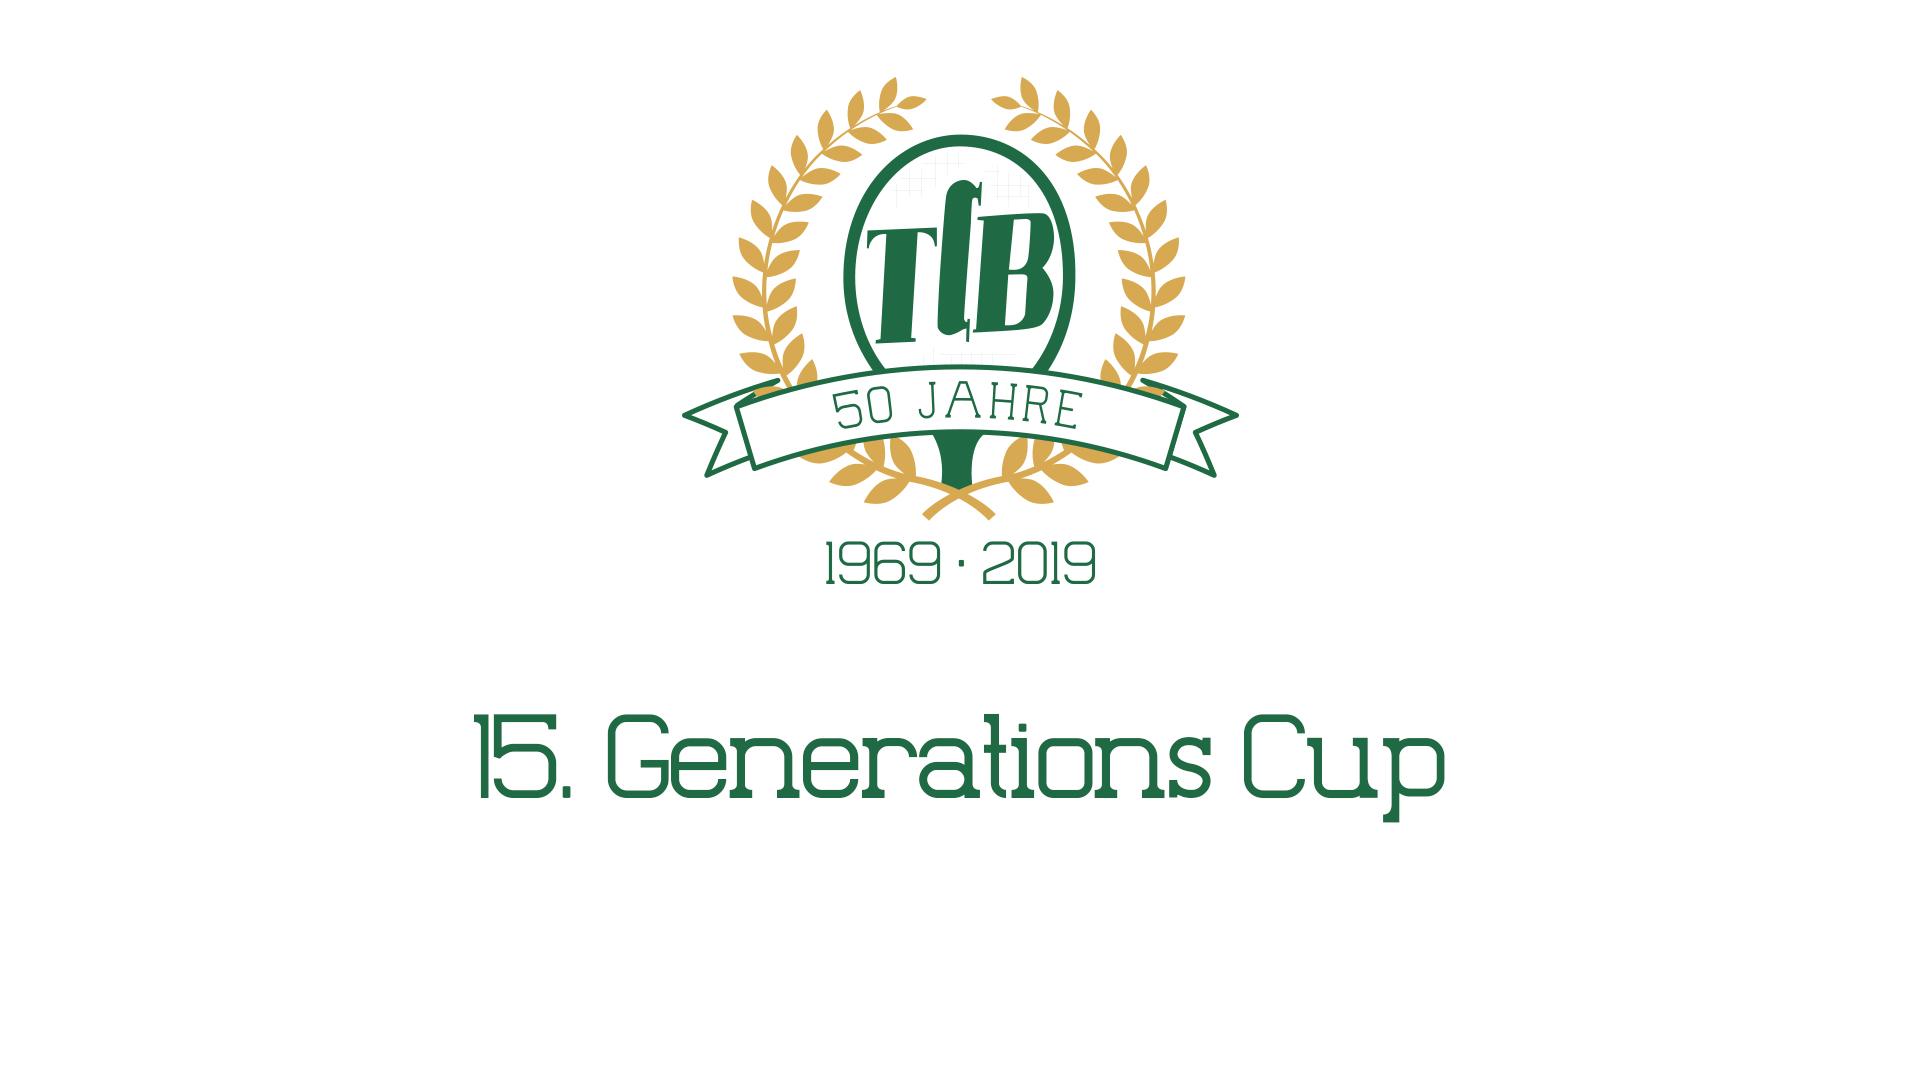 Einladung zum 15. Generations Cup beim TCB